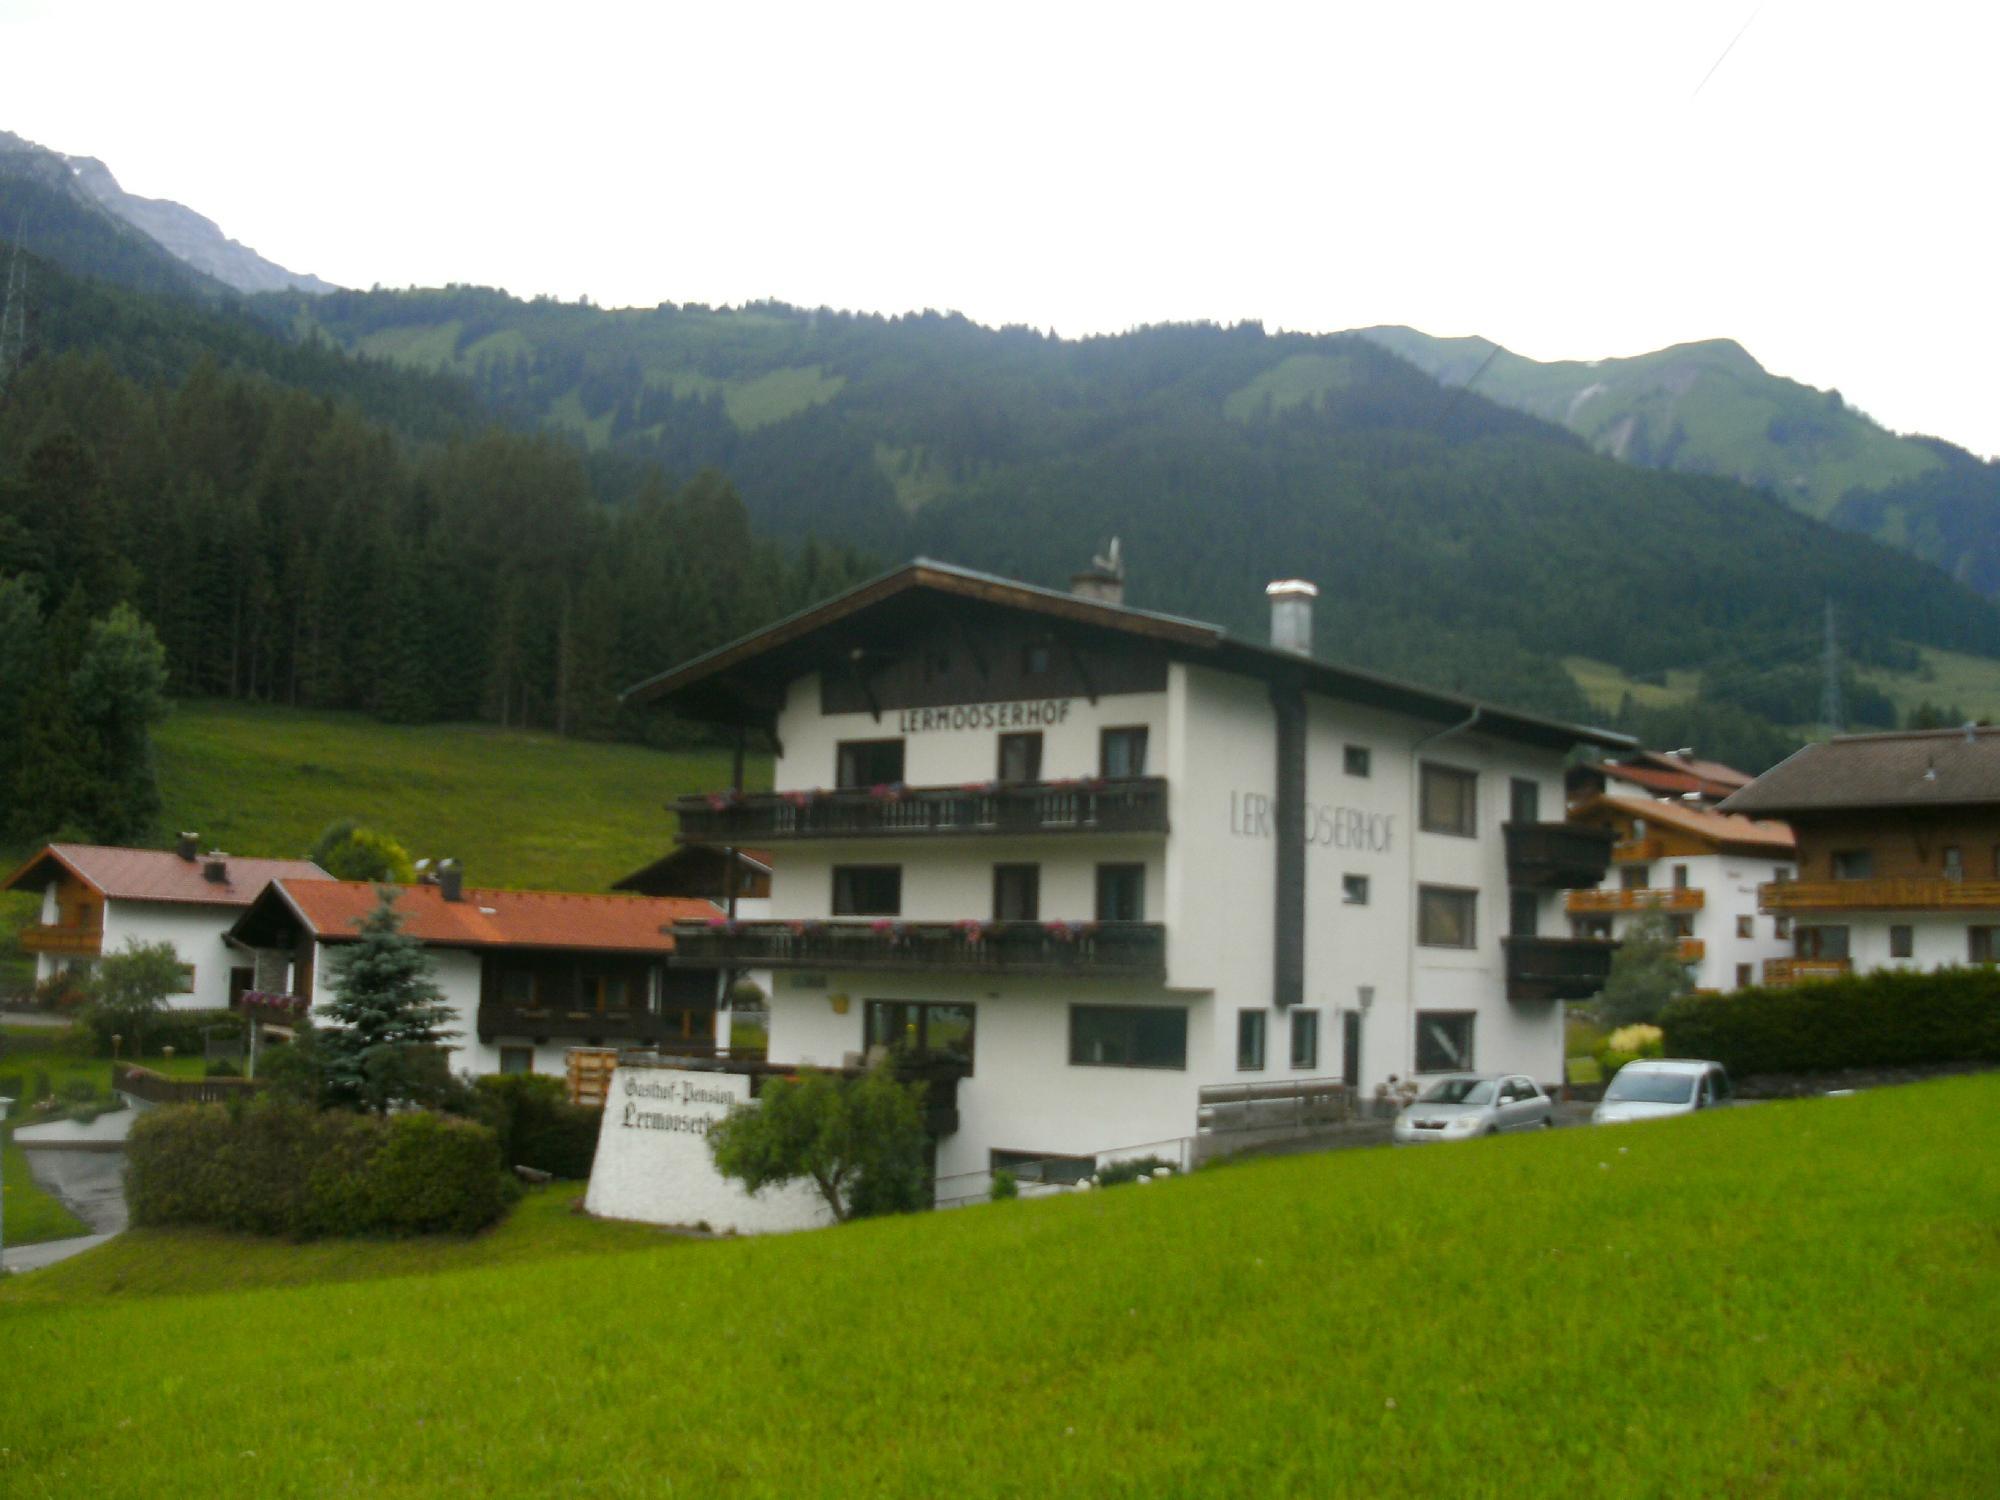 Lermooserhof